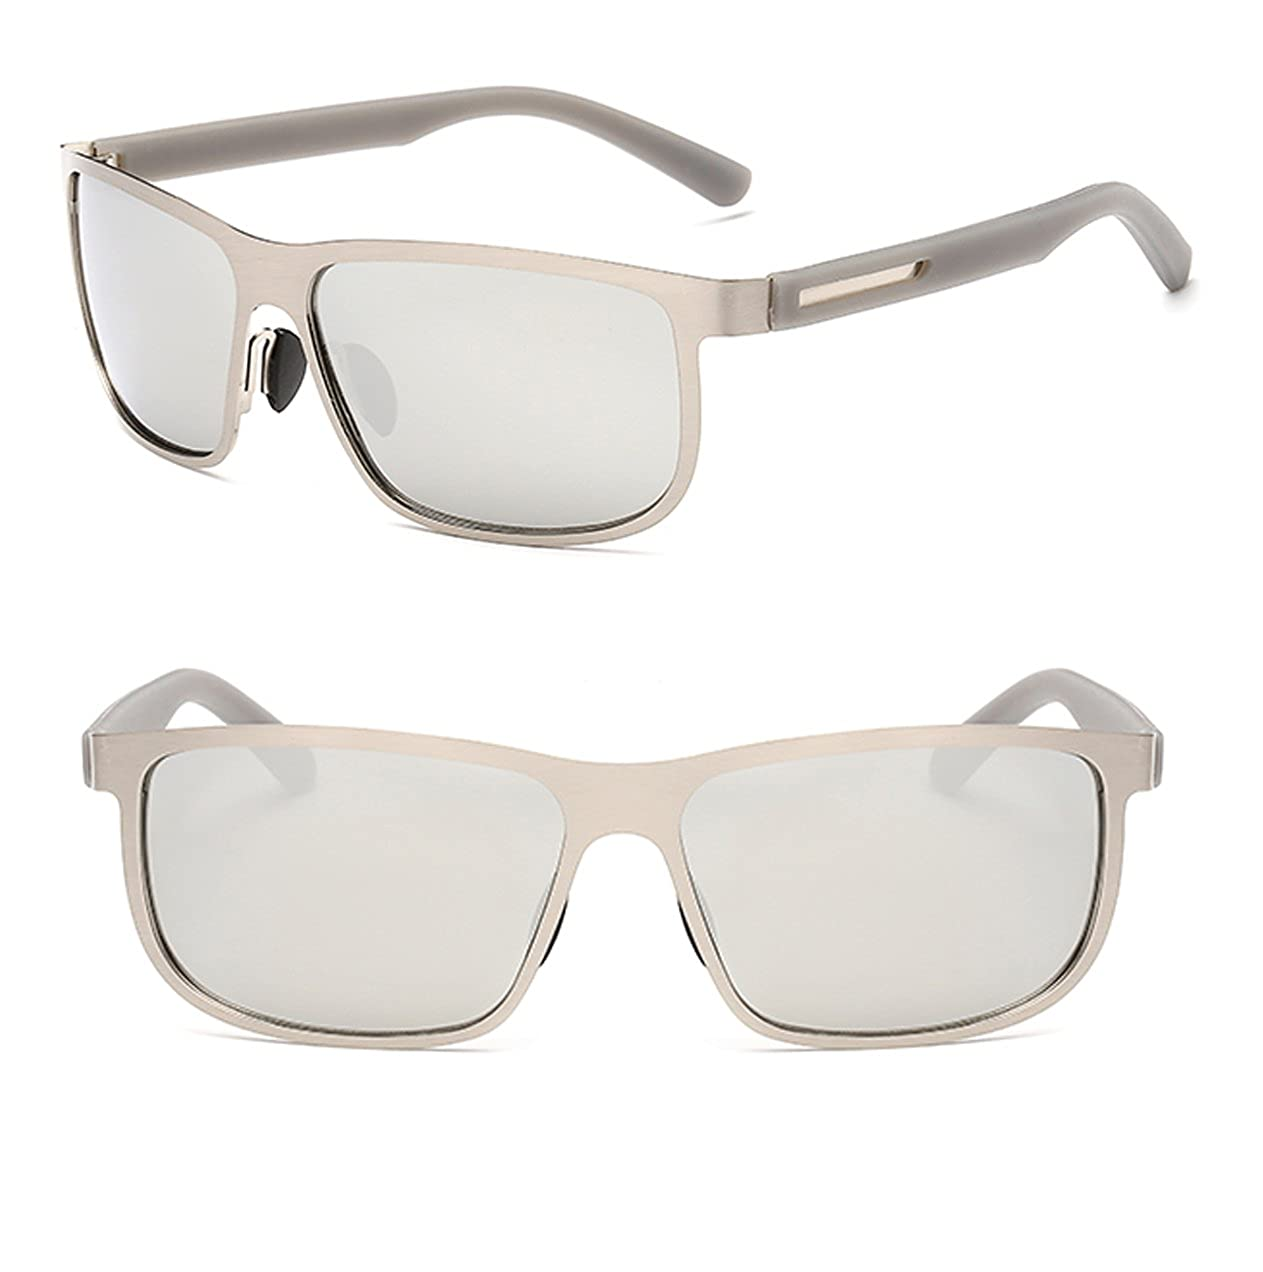 9cf85db20308a bagland Marco de metal polarizadas de protección UV400 tac lentes Gafas de sol  para conducir  Amazon.es  Ropa y accesorios